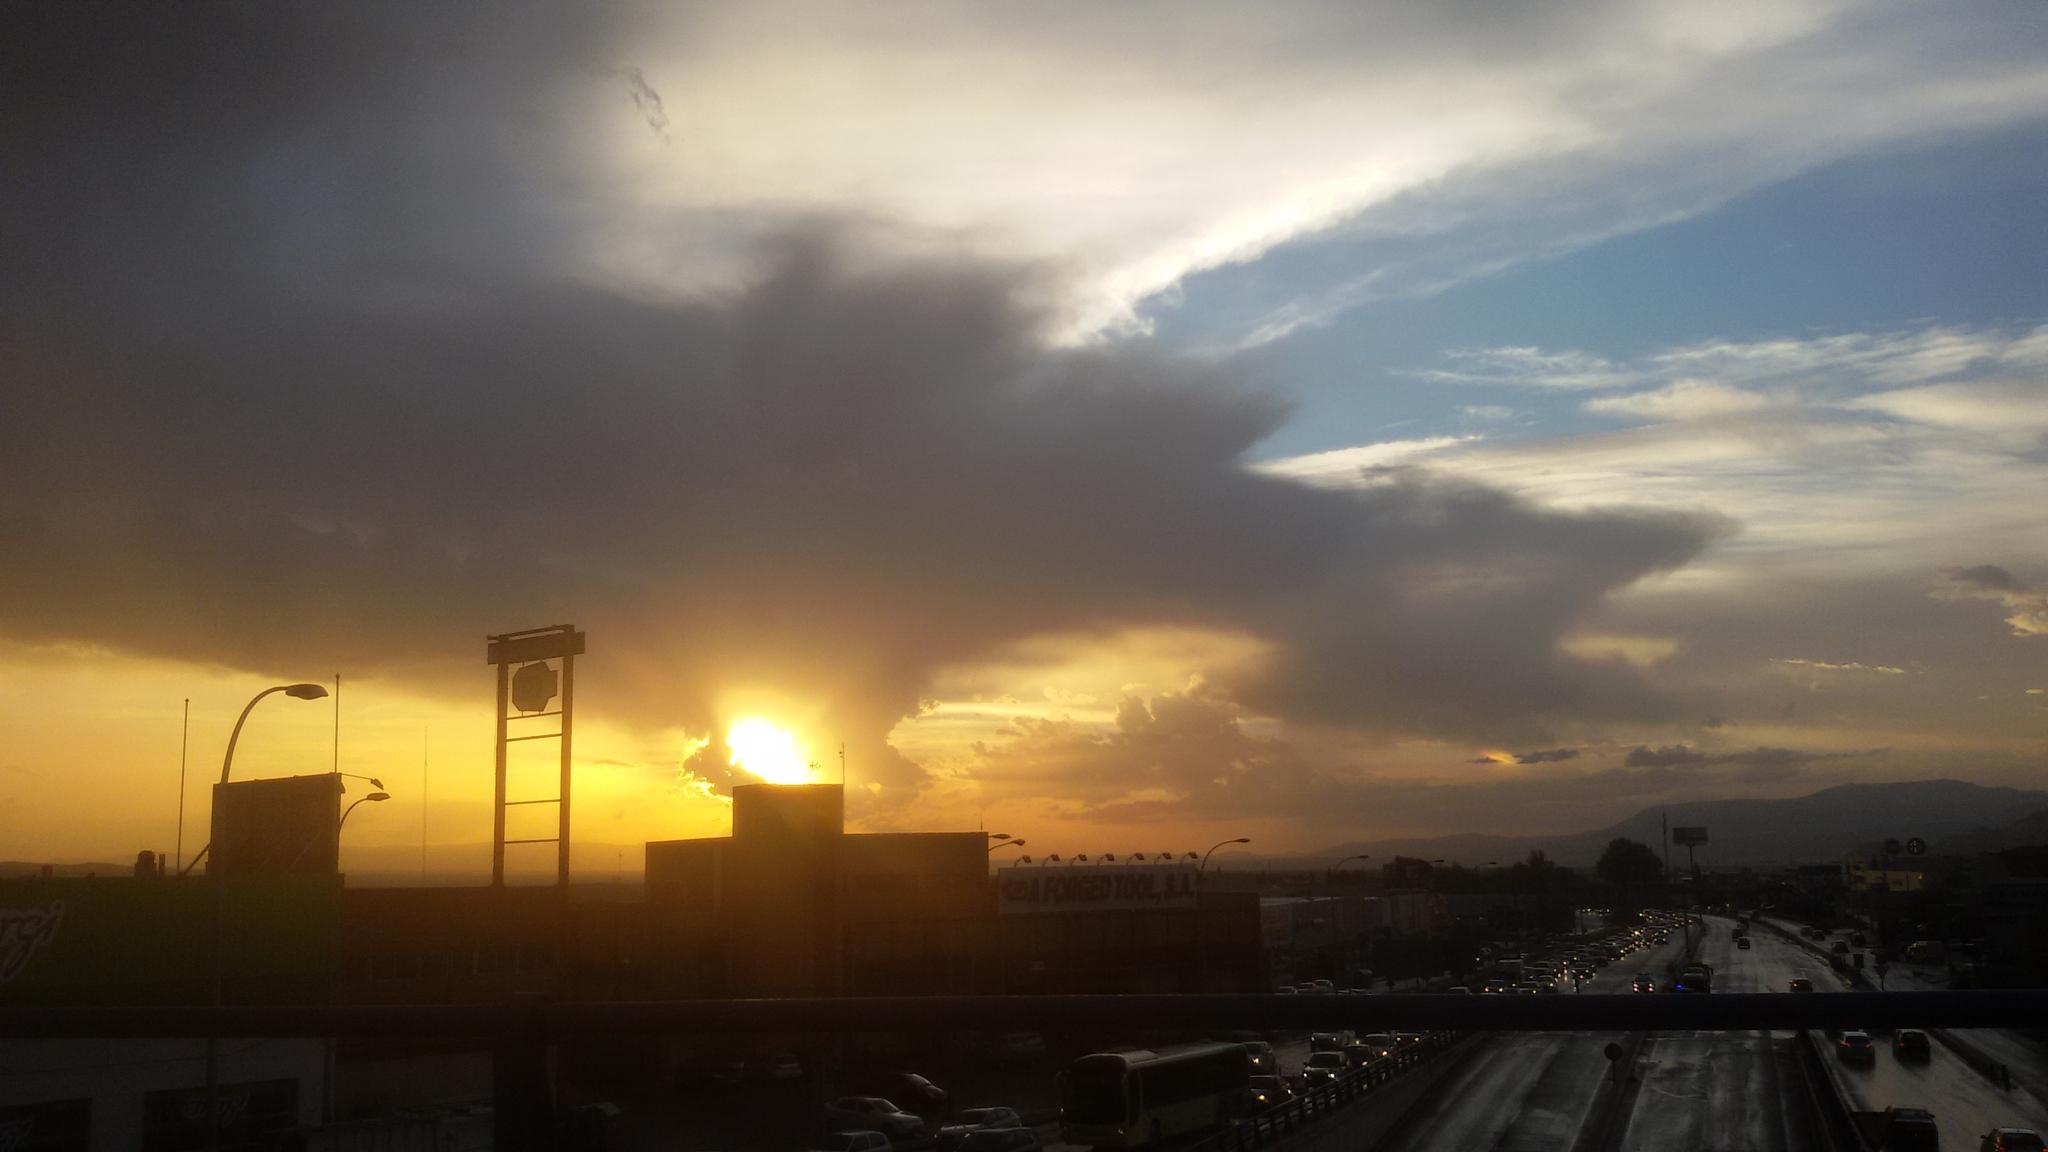 Después de la tormenta. by Maydo_H_Foto